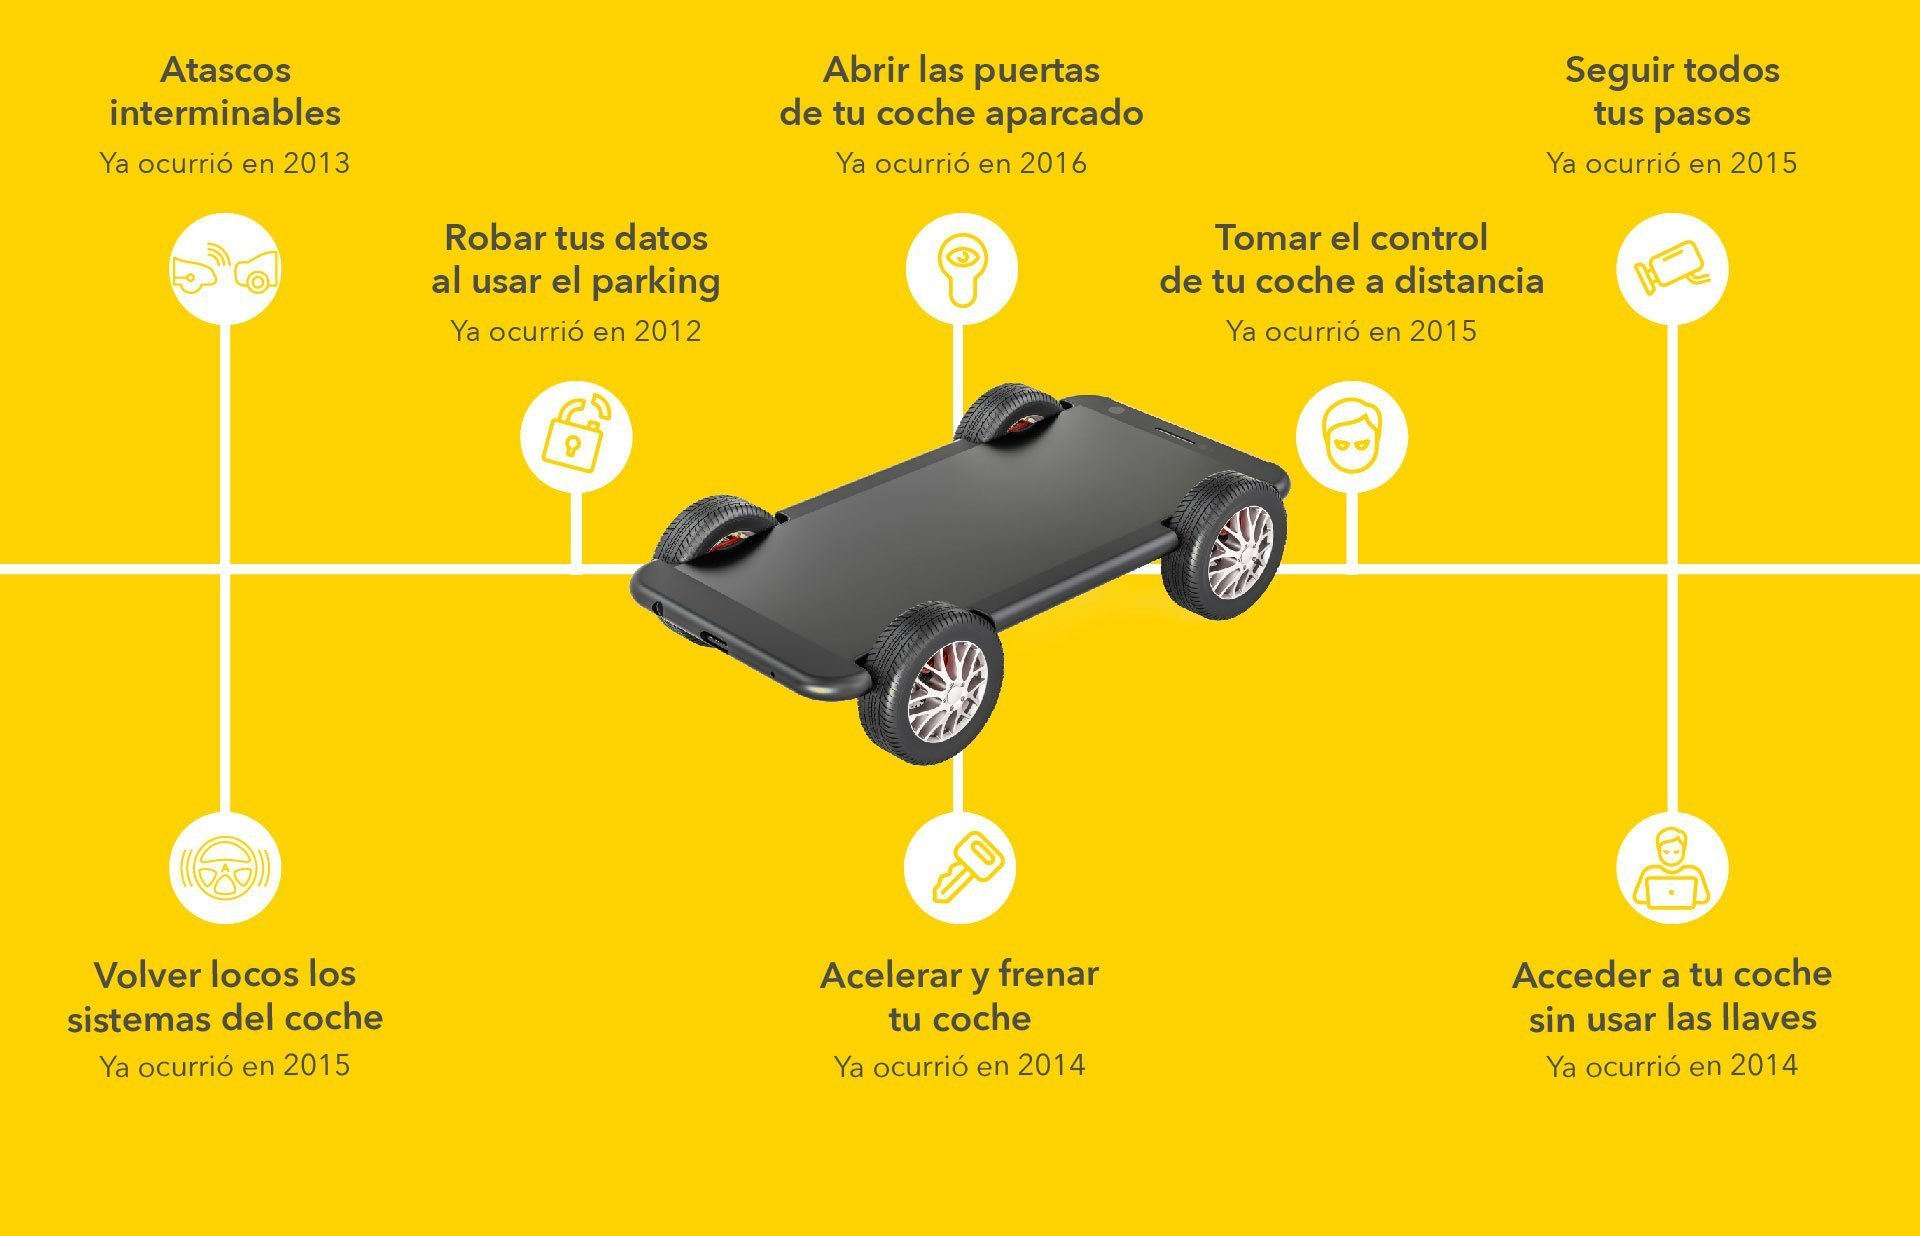 Línea de tiempo con casos reales de coches crackeados con robo de datos, toma de control del coche, seguimiento, etc.